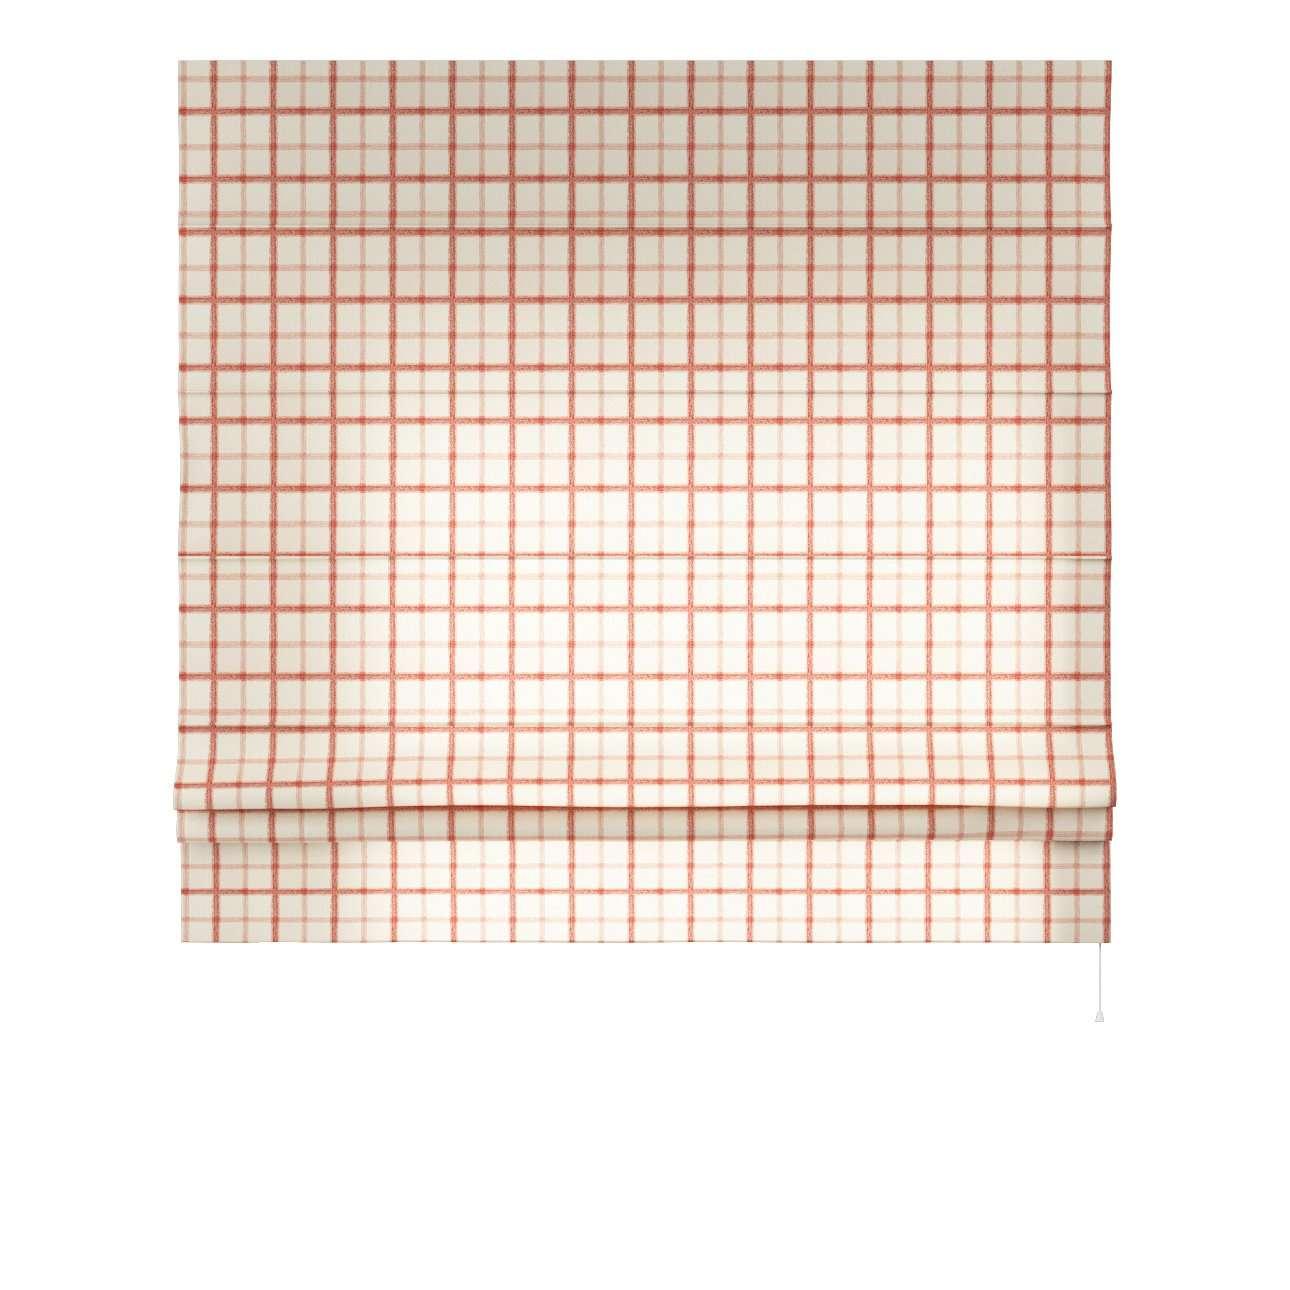 Liftgardin Paris<br/>Med rett volang 80 × 170 cm fra kolleksjonen Avinon, Stoffets bredde: 131-15